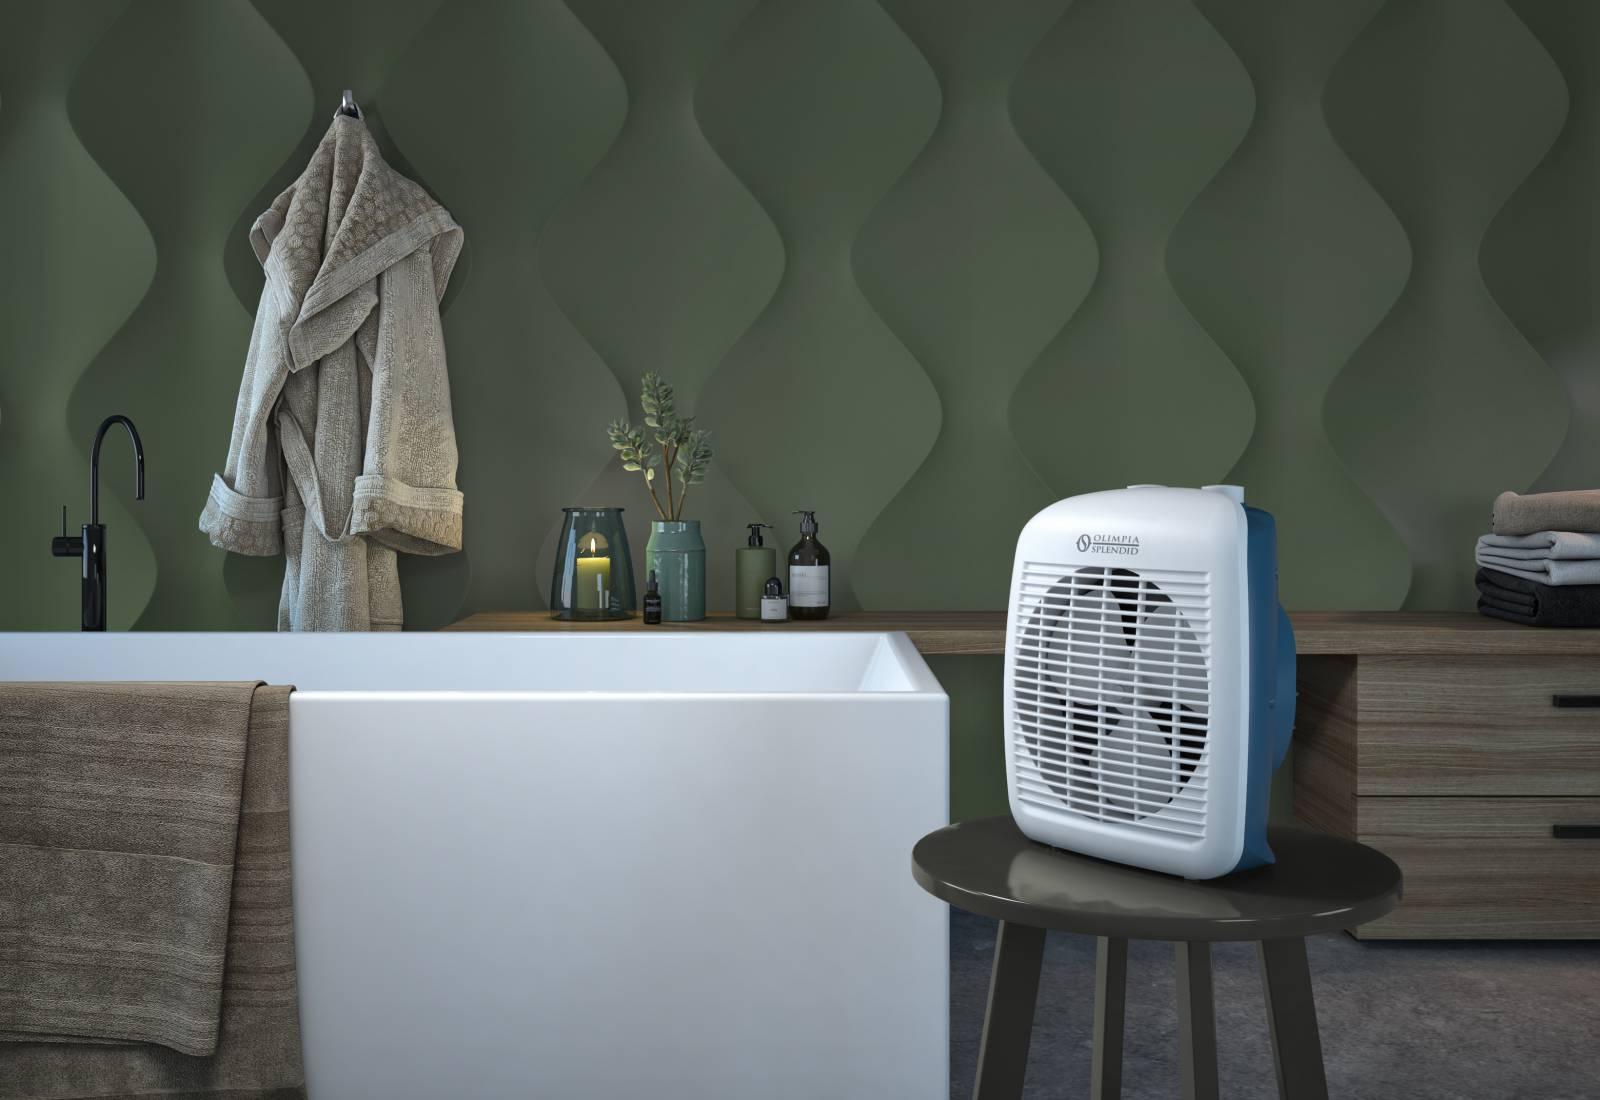 Immagine Scalda il tuo autunno con i termoventilatori elettrici 1